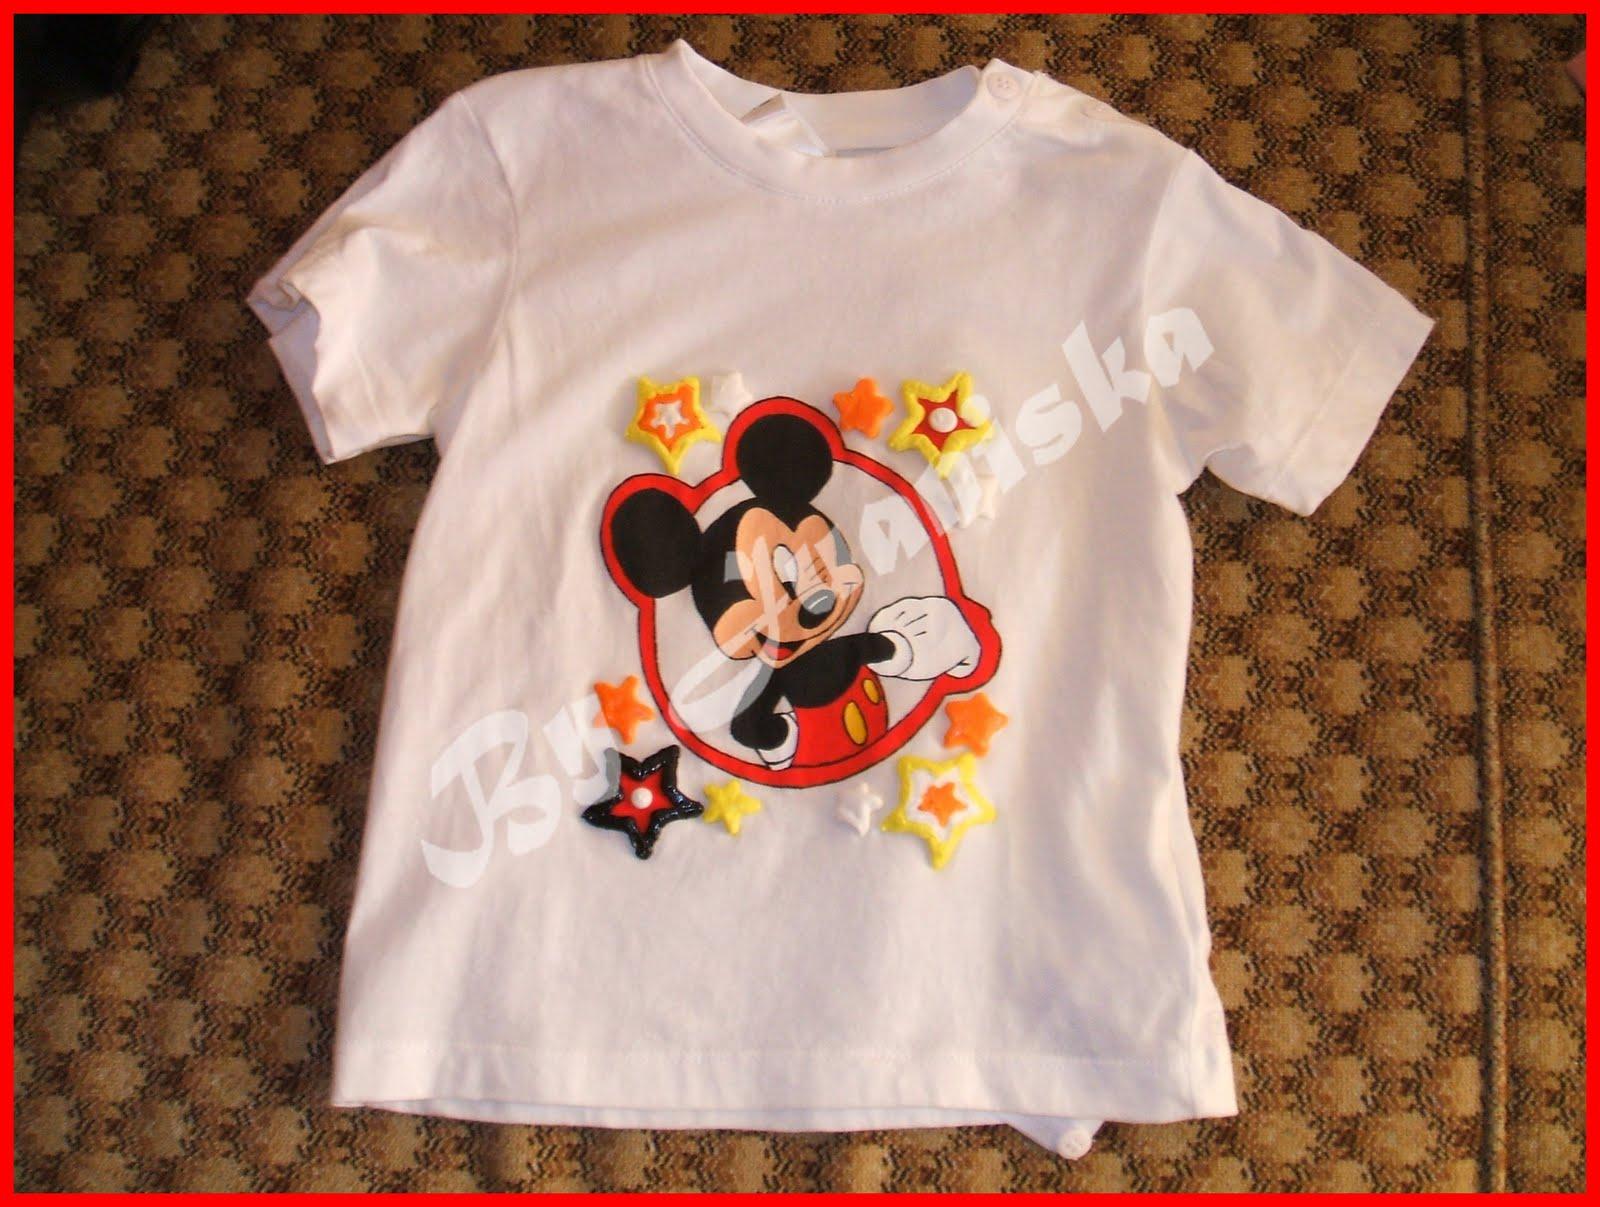 http://2.bp.blogspot.com/_VeBkYqkyVhM/TKO419X5ygI/AAAAAAAAA9E/Lb39jEEBmEk/s1600/Mickey.JPG